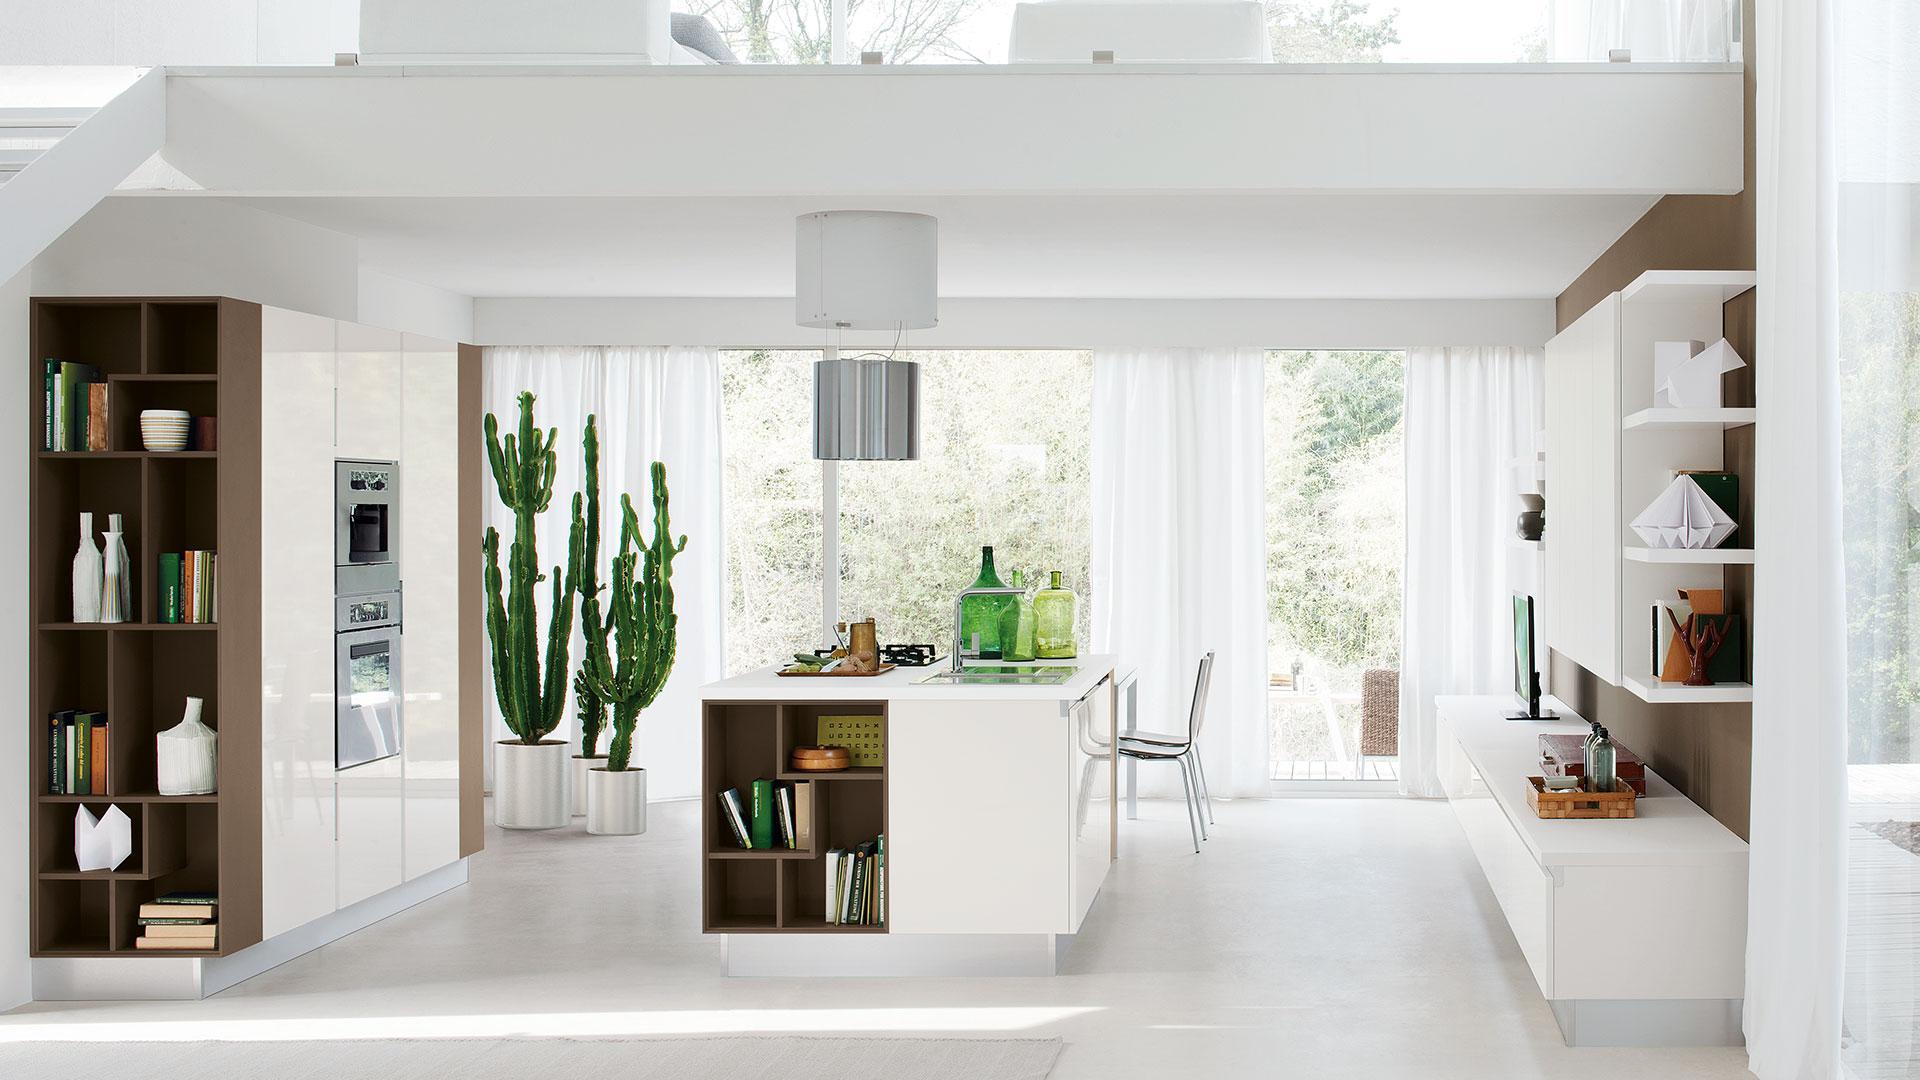 Arredamento Casa Moderna Bianca.Cucina Bianca 5 Soluzioni Per Arredare Proposti Da Lube Lube